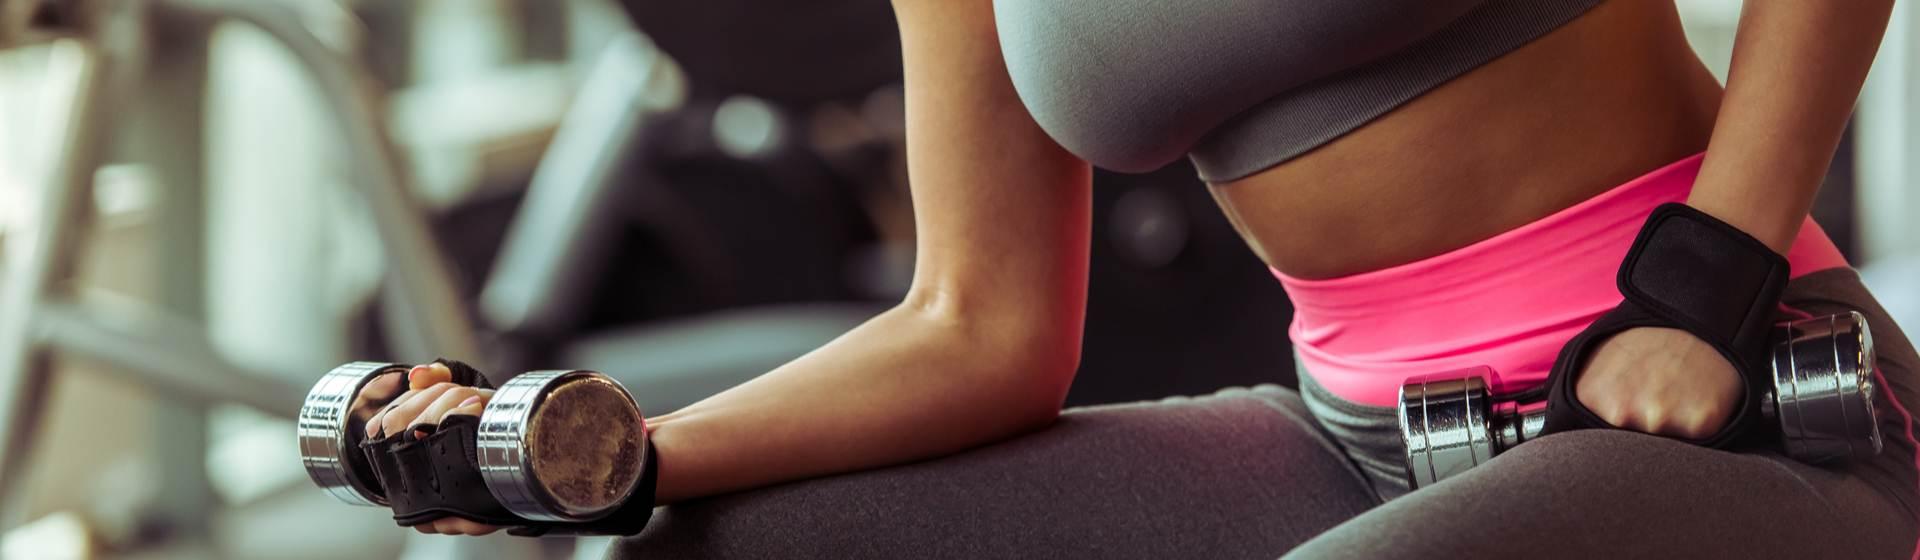 Musculação emagrece? Veja como o exercício pode ajudar no emagrecimento